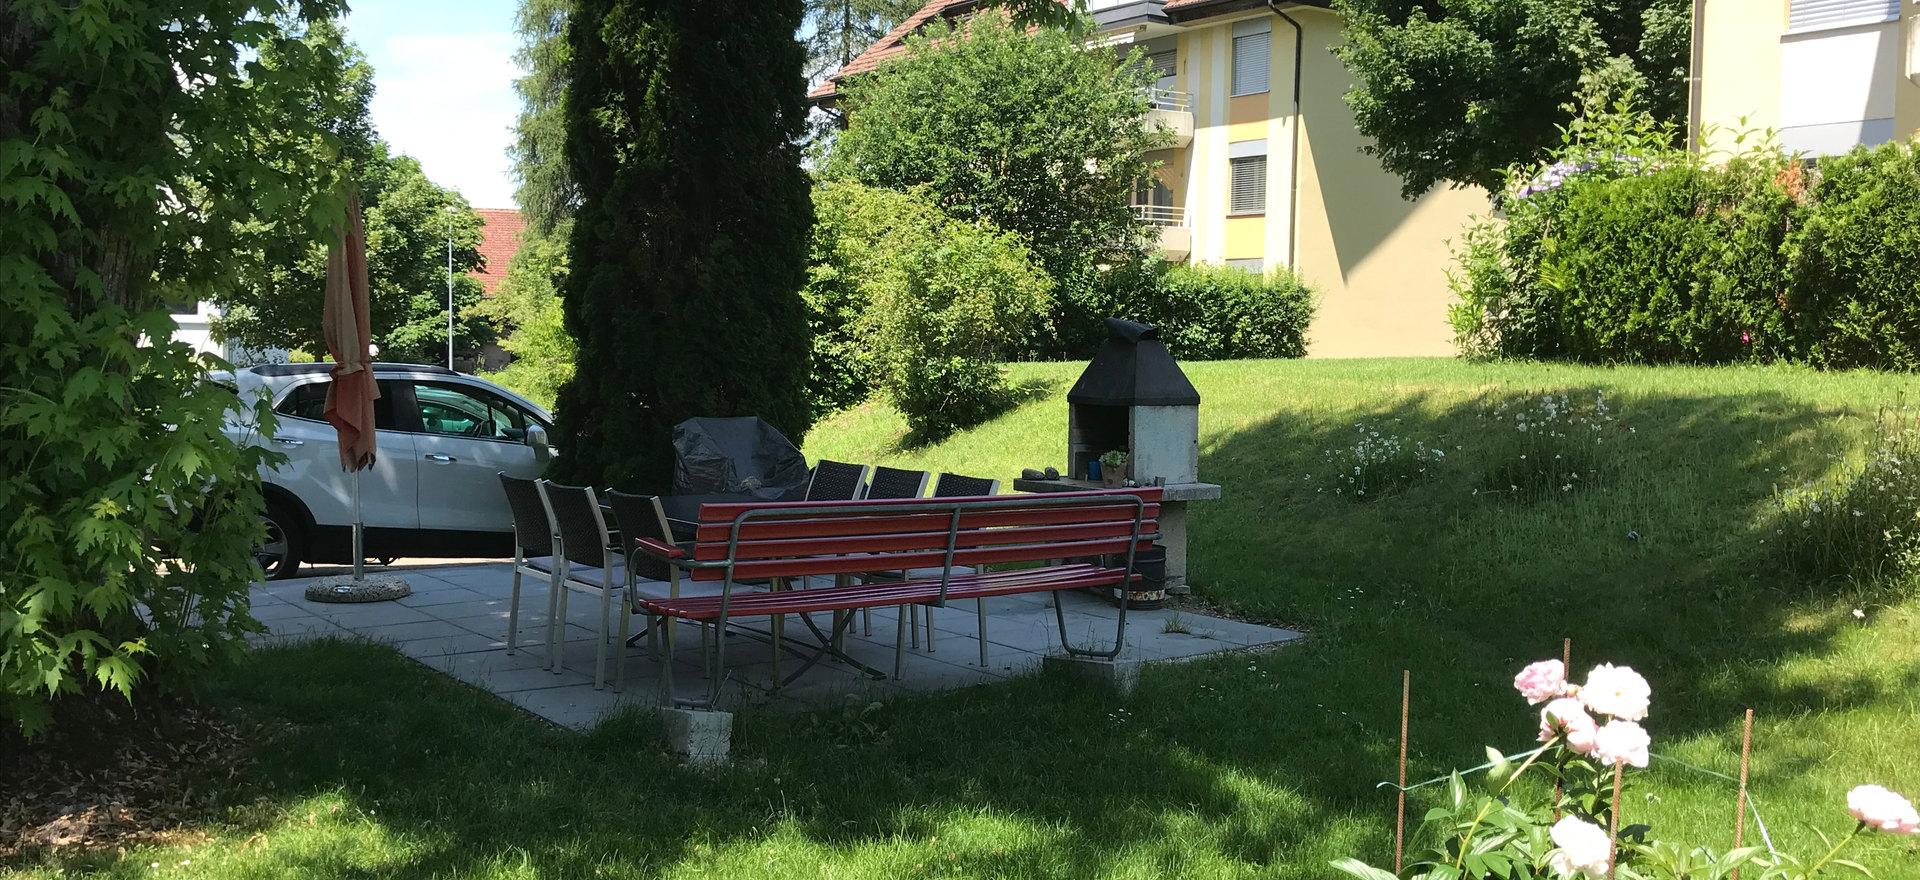 Schattenplätze mit Grillmöglichkeiten